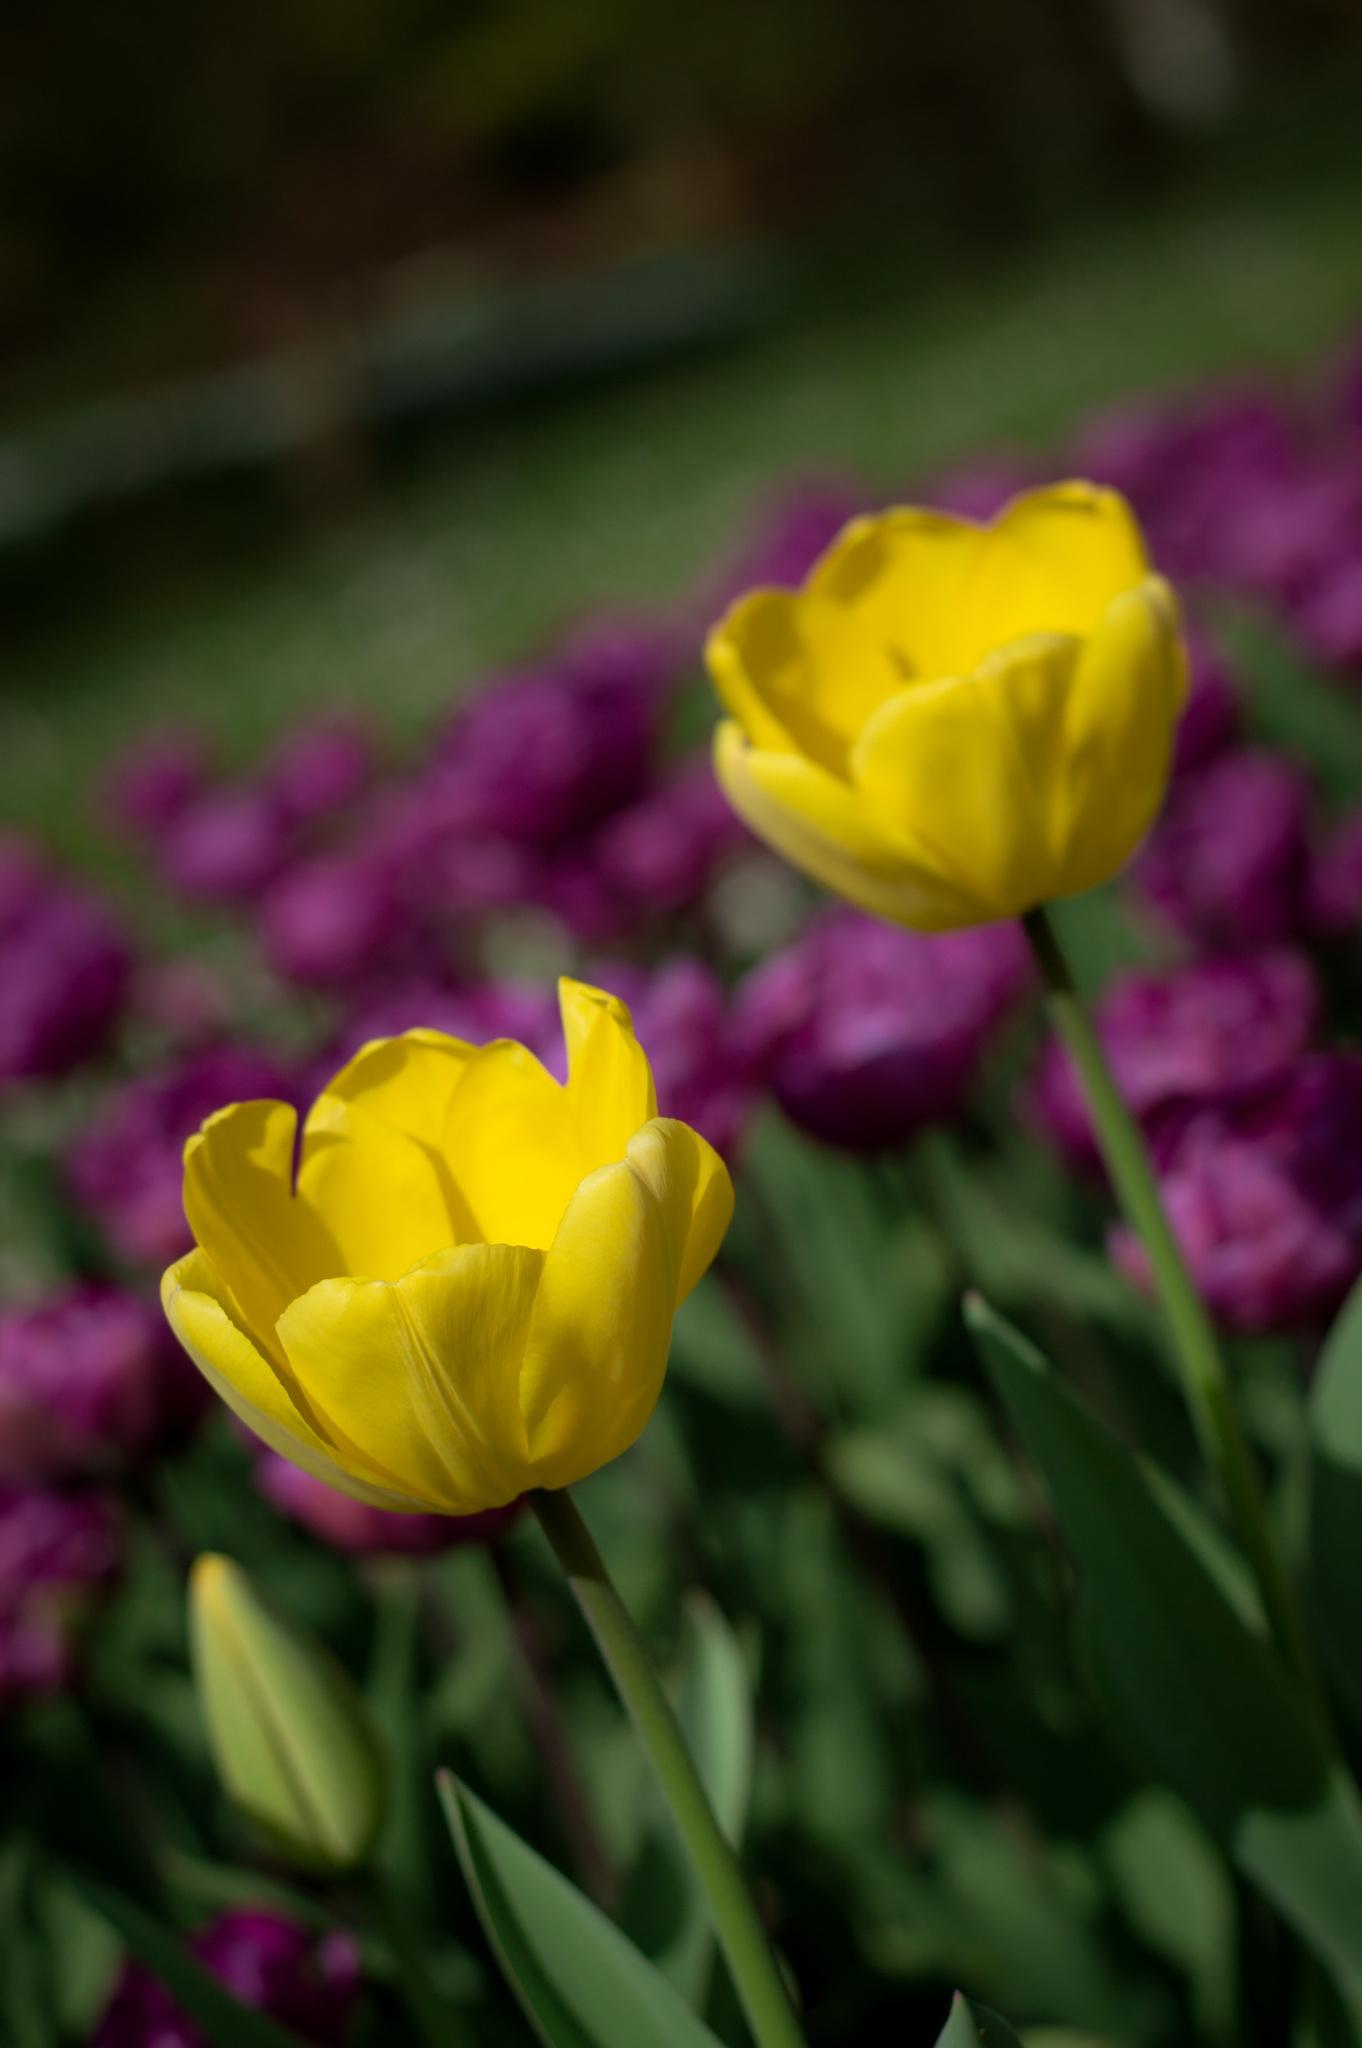 Tulipan by gennaro.riccio